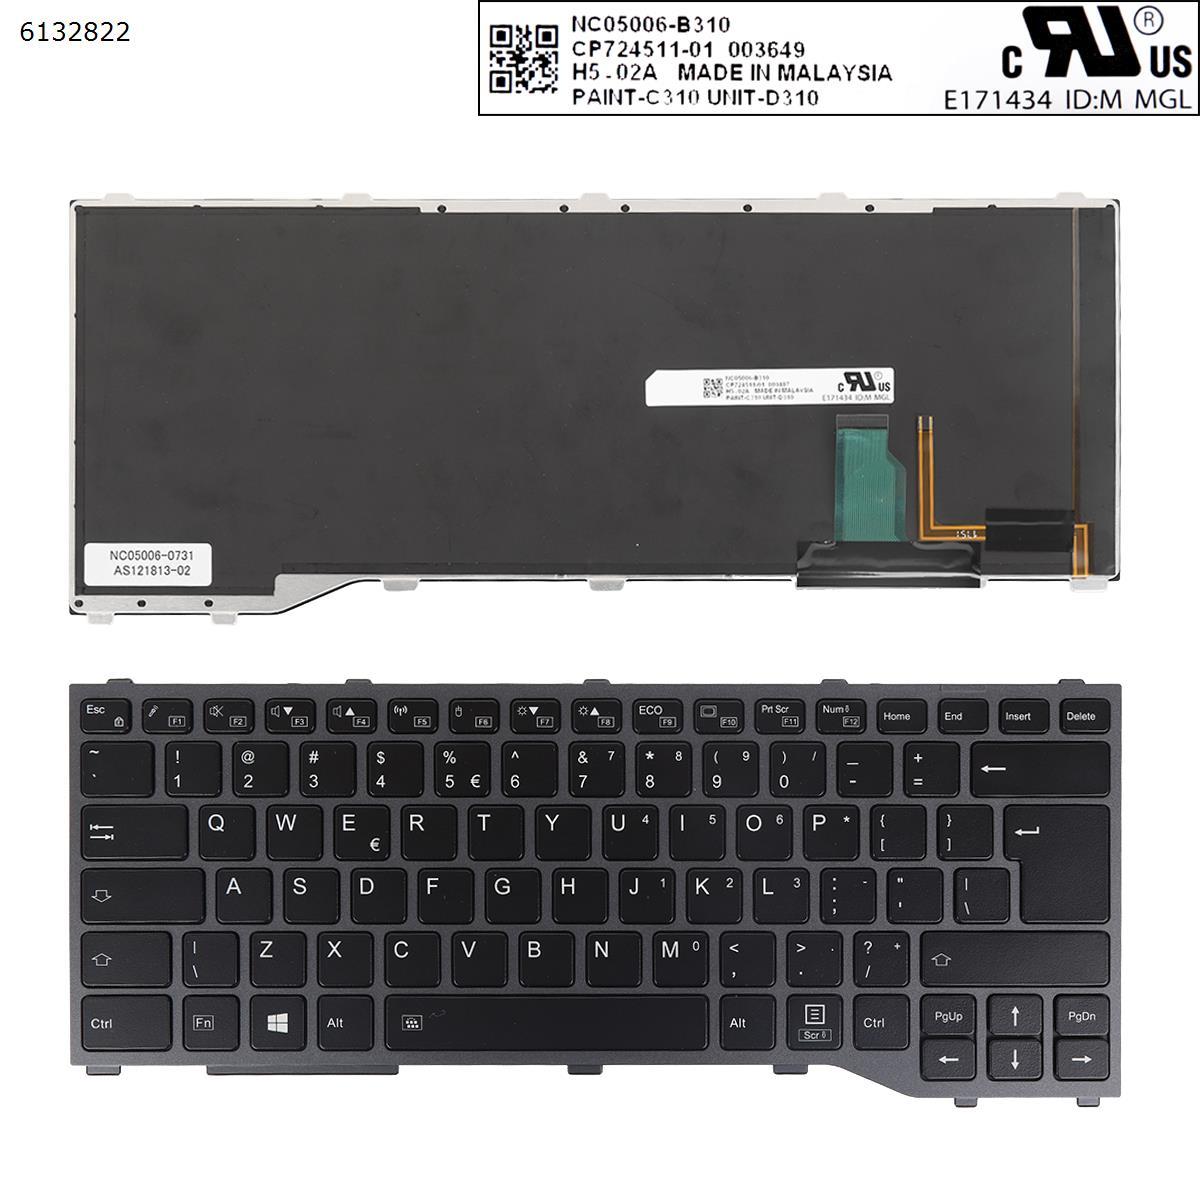 لوحة مفاتيح جديدة US UI-International لفوجيتسو سيمنز Lifebook T937 T938/مع إطار بإضاءة خلفية مفتاح إدخال كبير